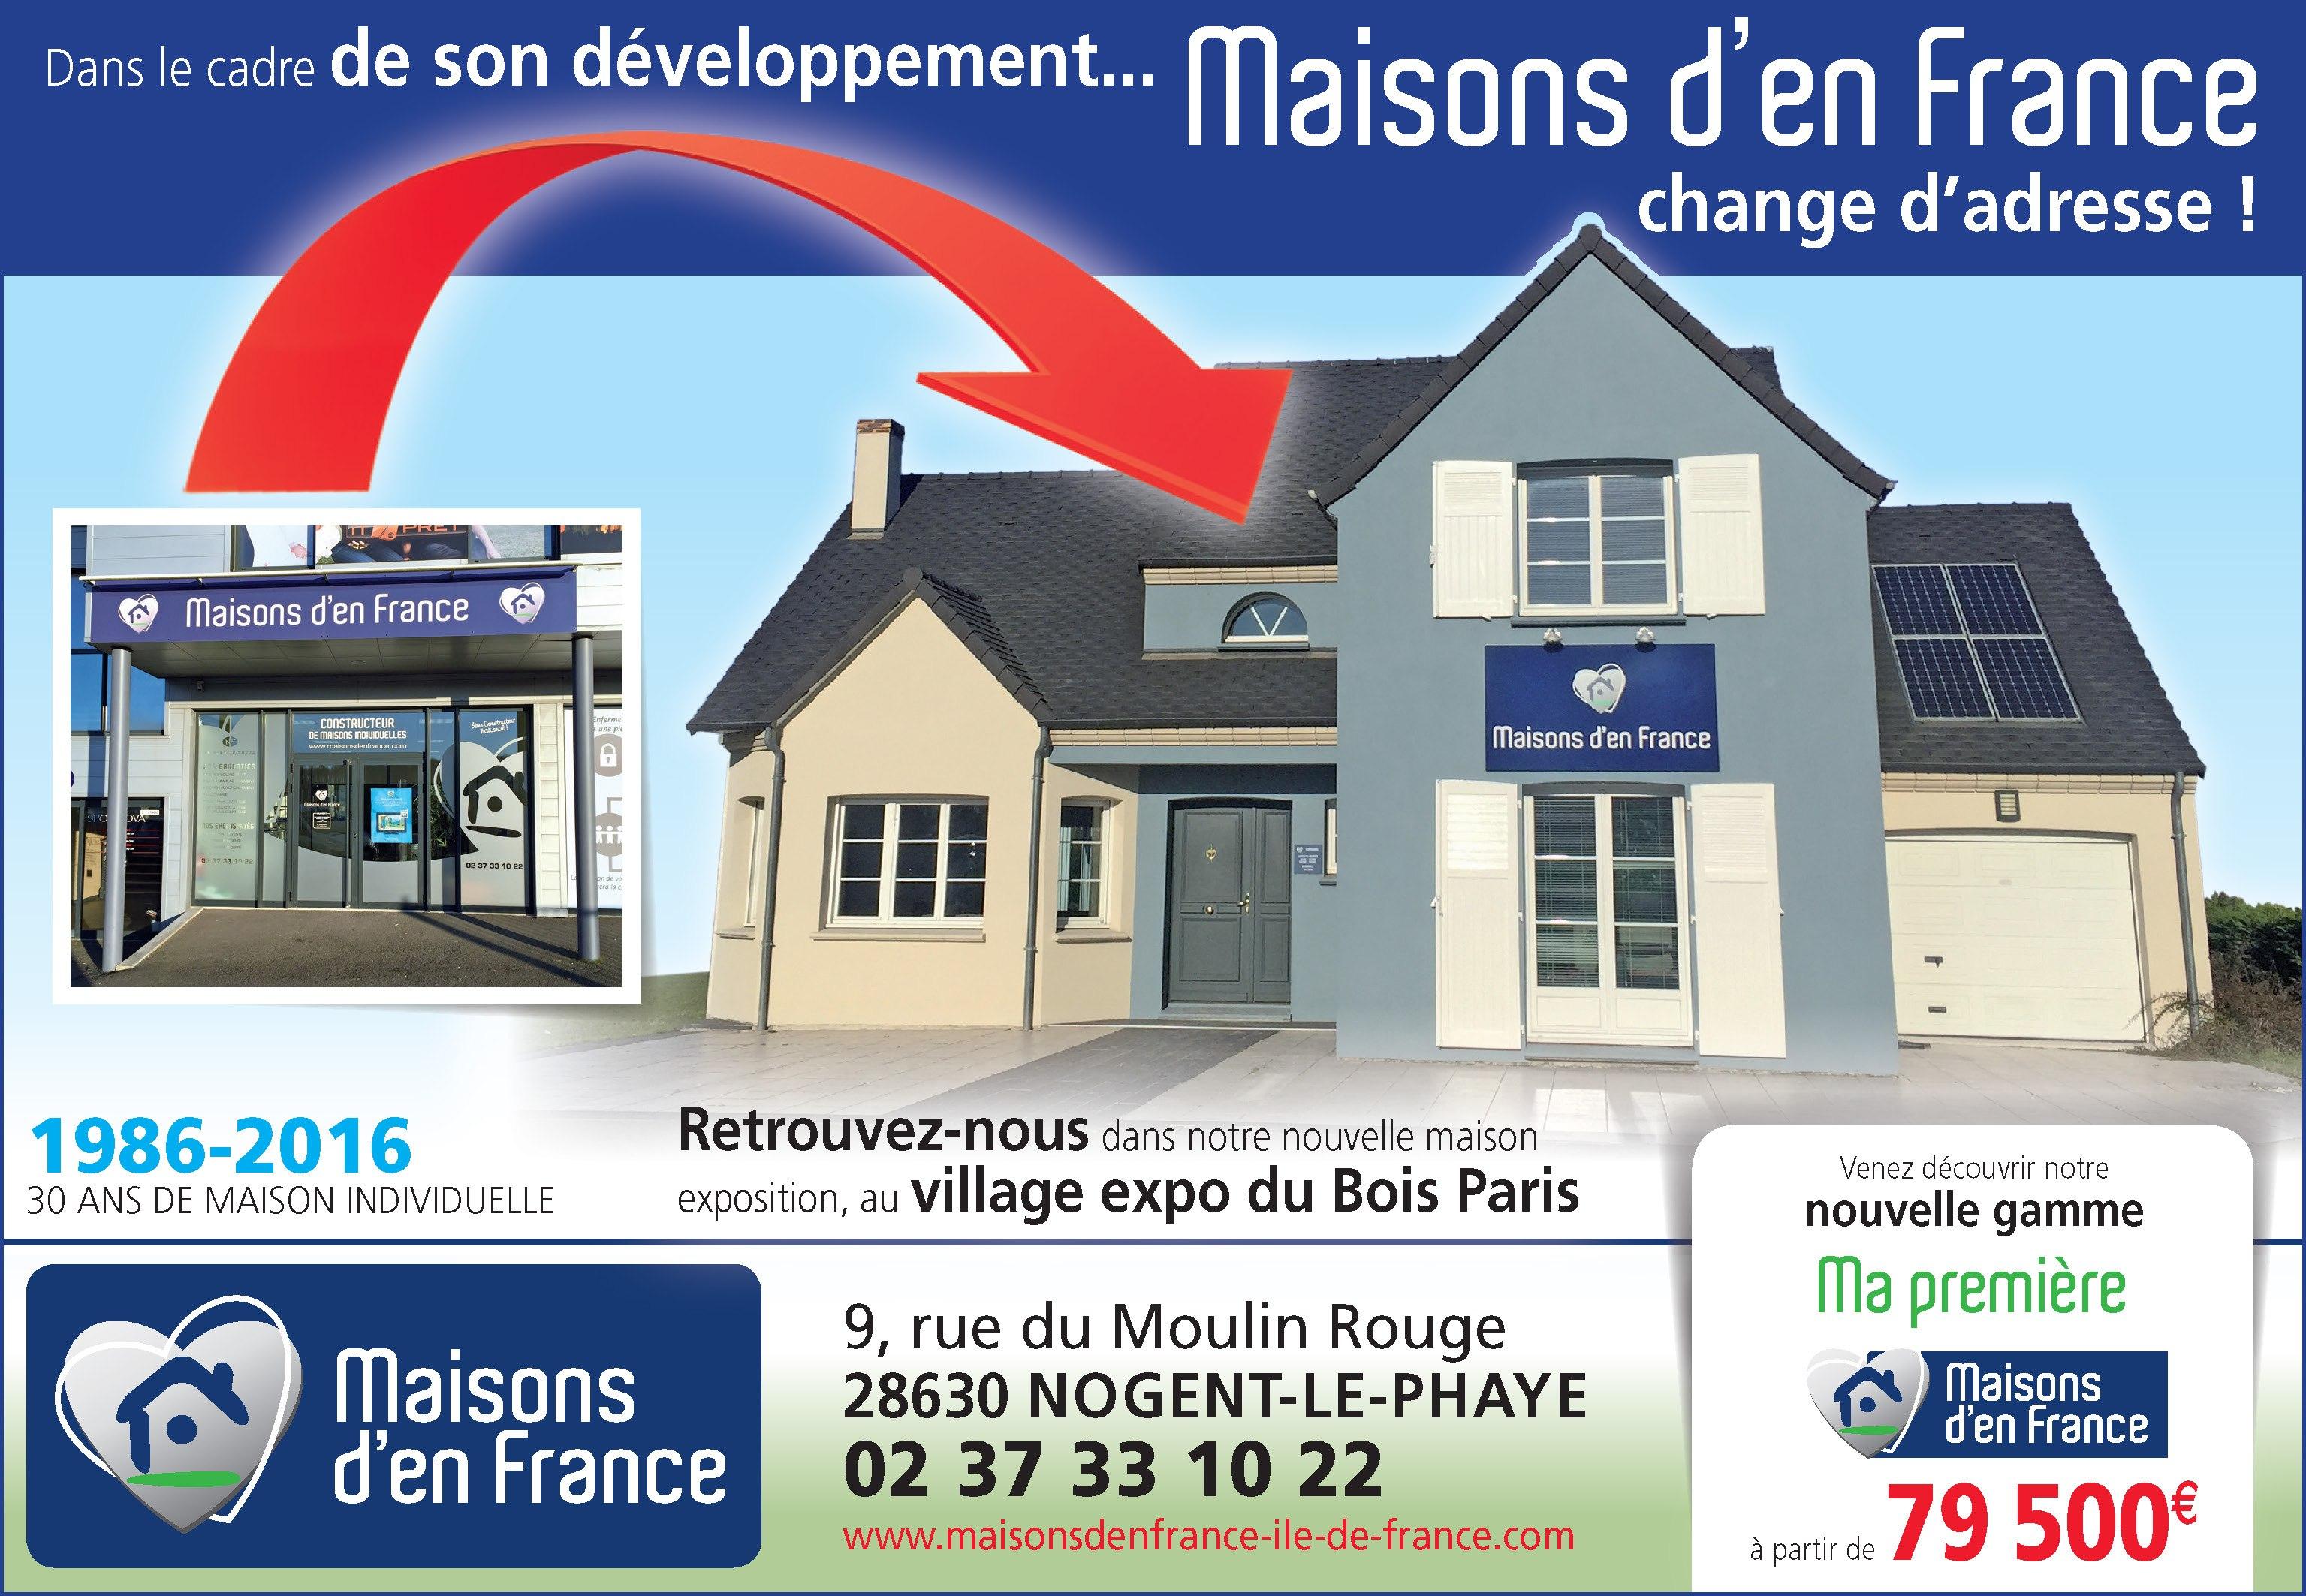 Notre Agence De Nogent Déménage Maisons Den France ÎledeFrance - Maison individuelle ile de france